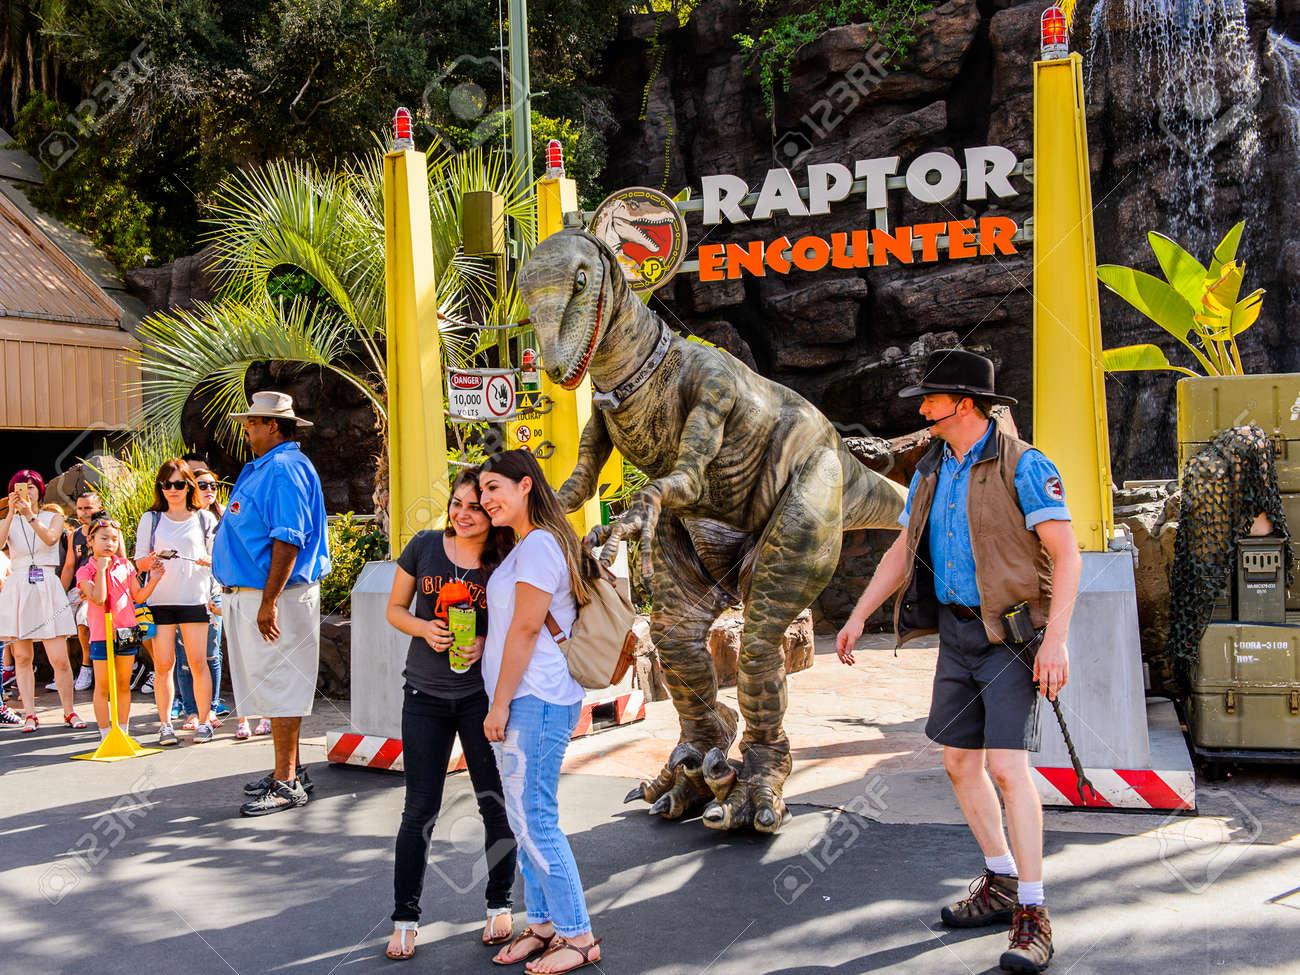 LOS ANGELES, USA - SEP 27, 2015: Velociraptor encounter attraction